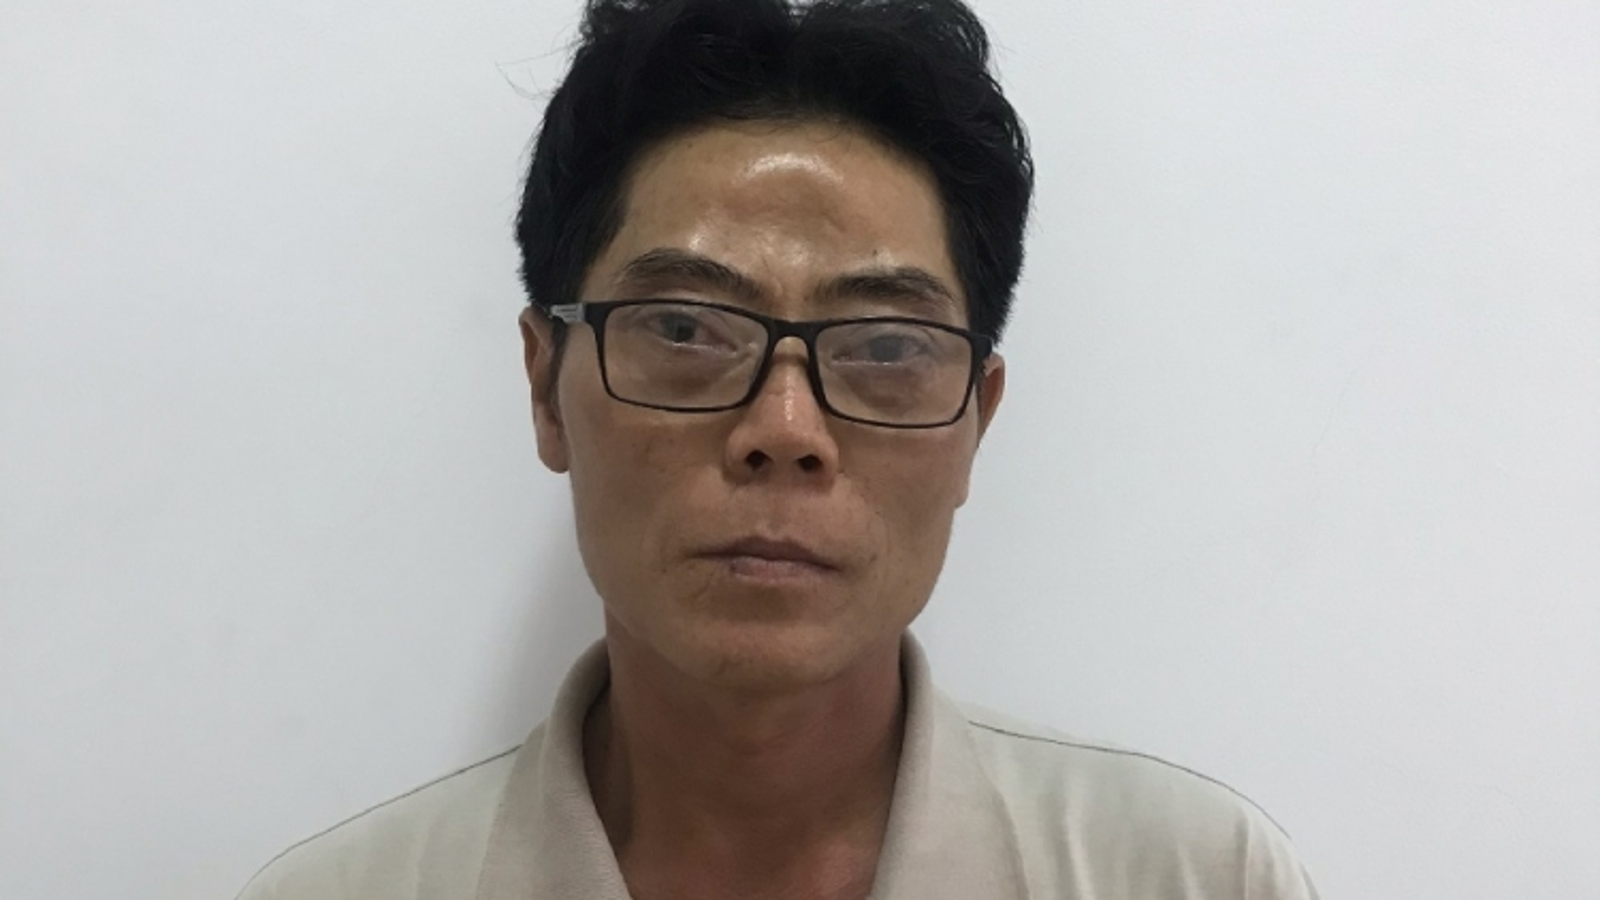 Bắt người đàn ông sát hại bé gái 5 tuổi ở Bà Rịa - Vũng Tàu